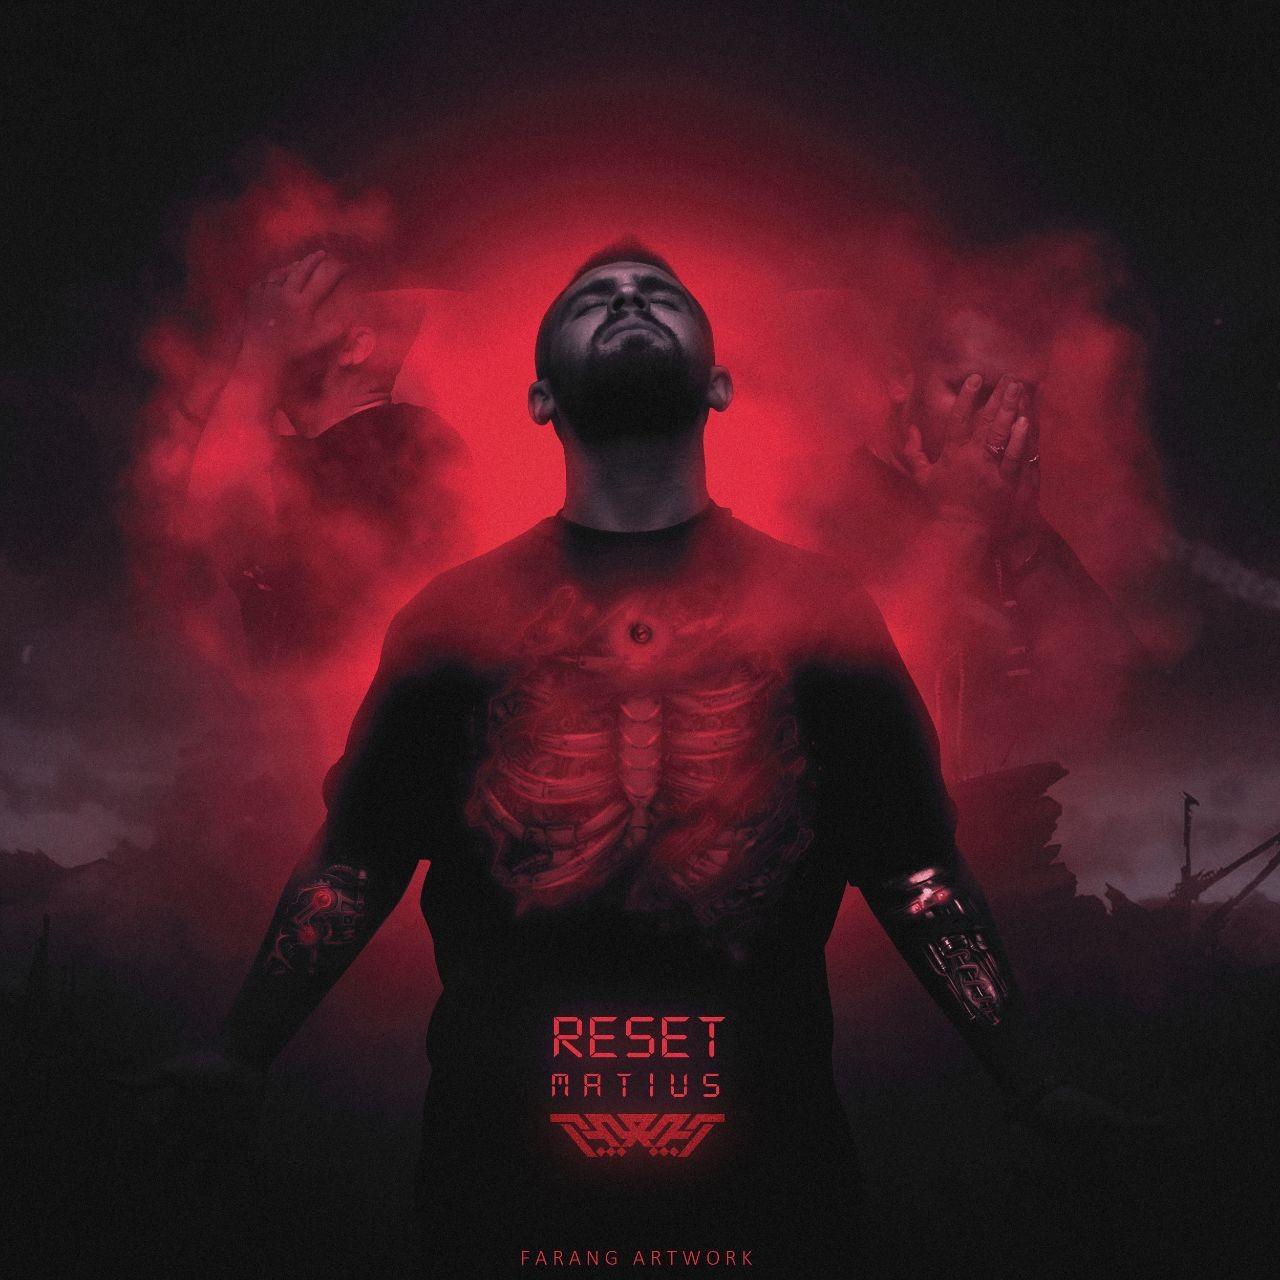 Matius x Barsa – Reset